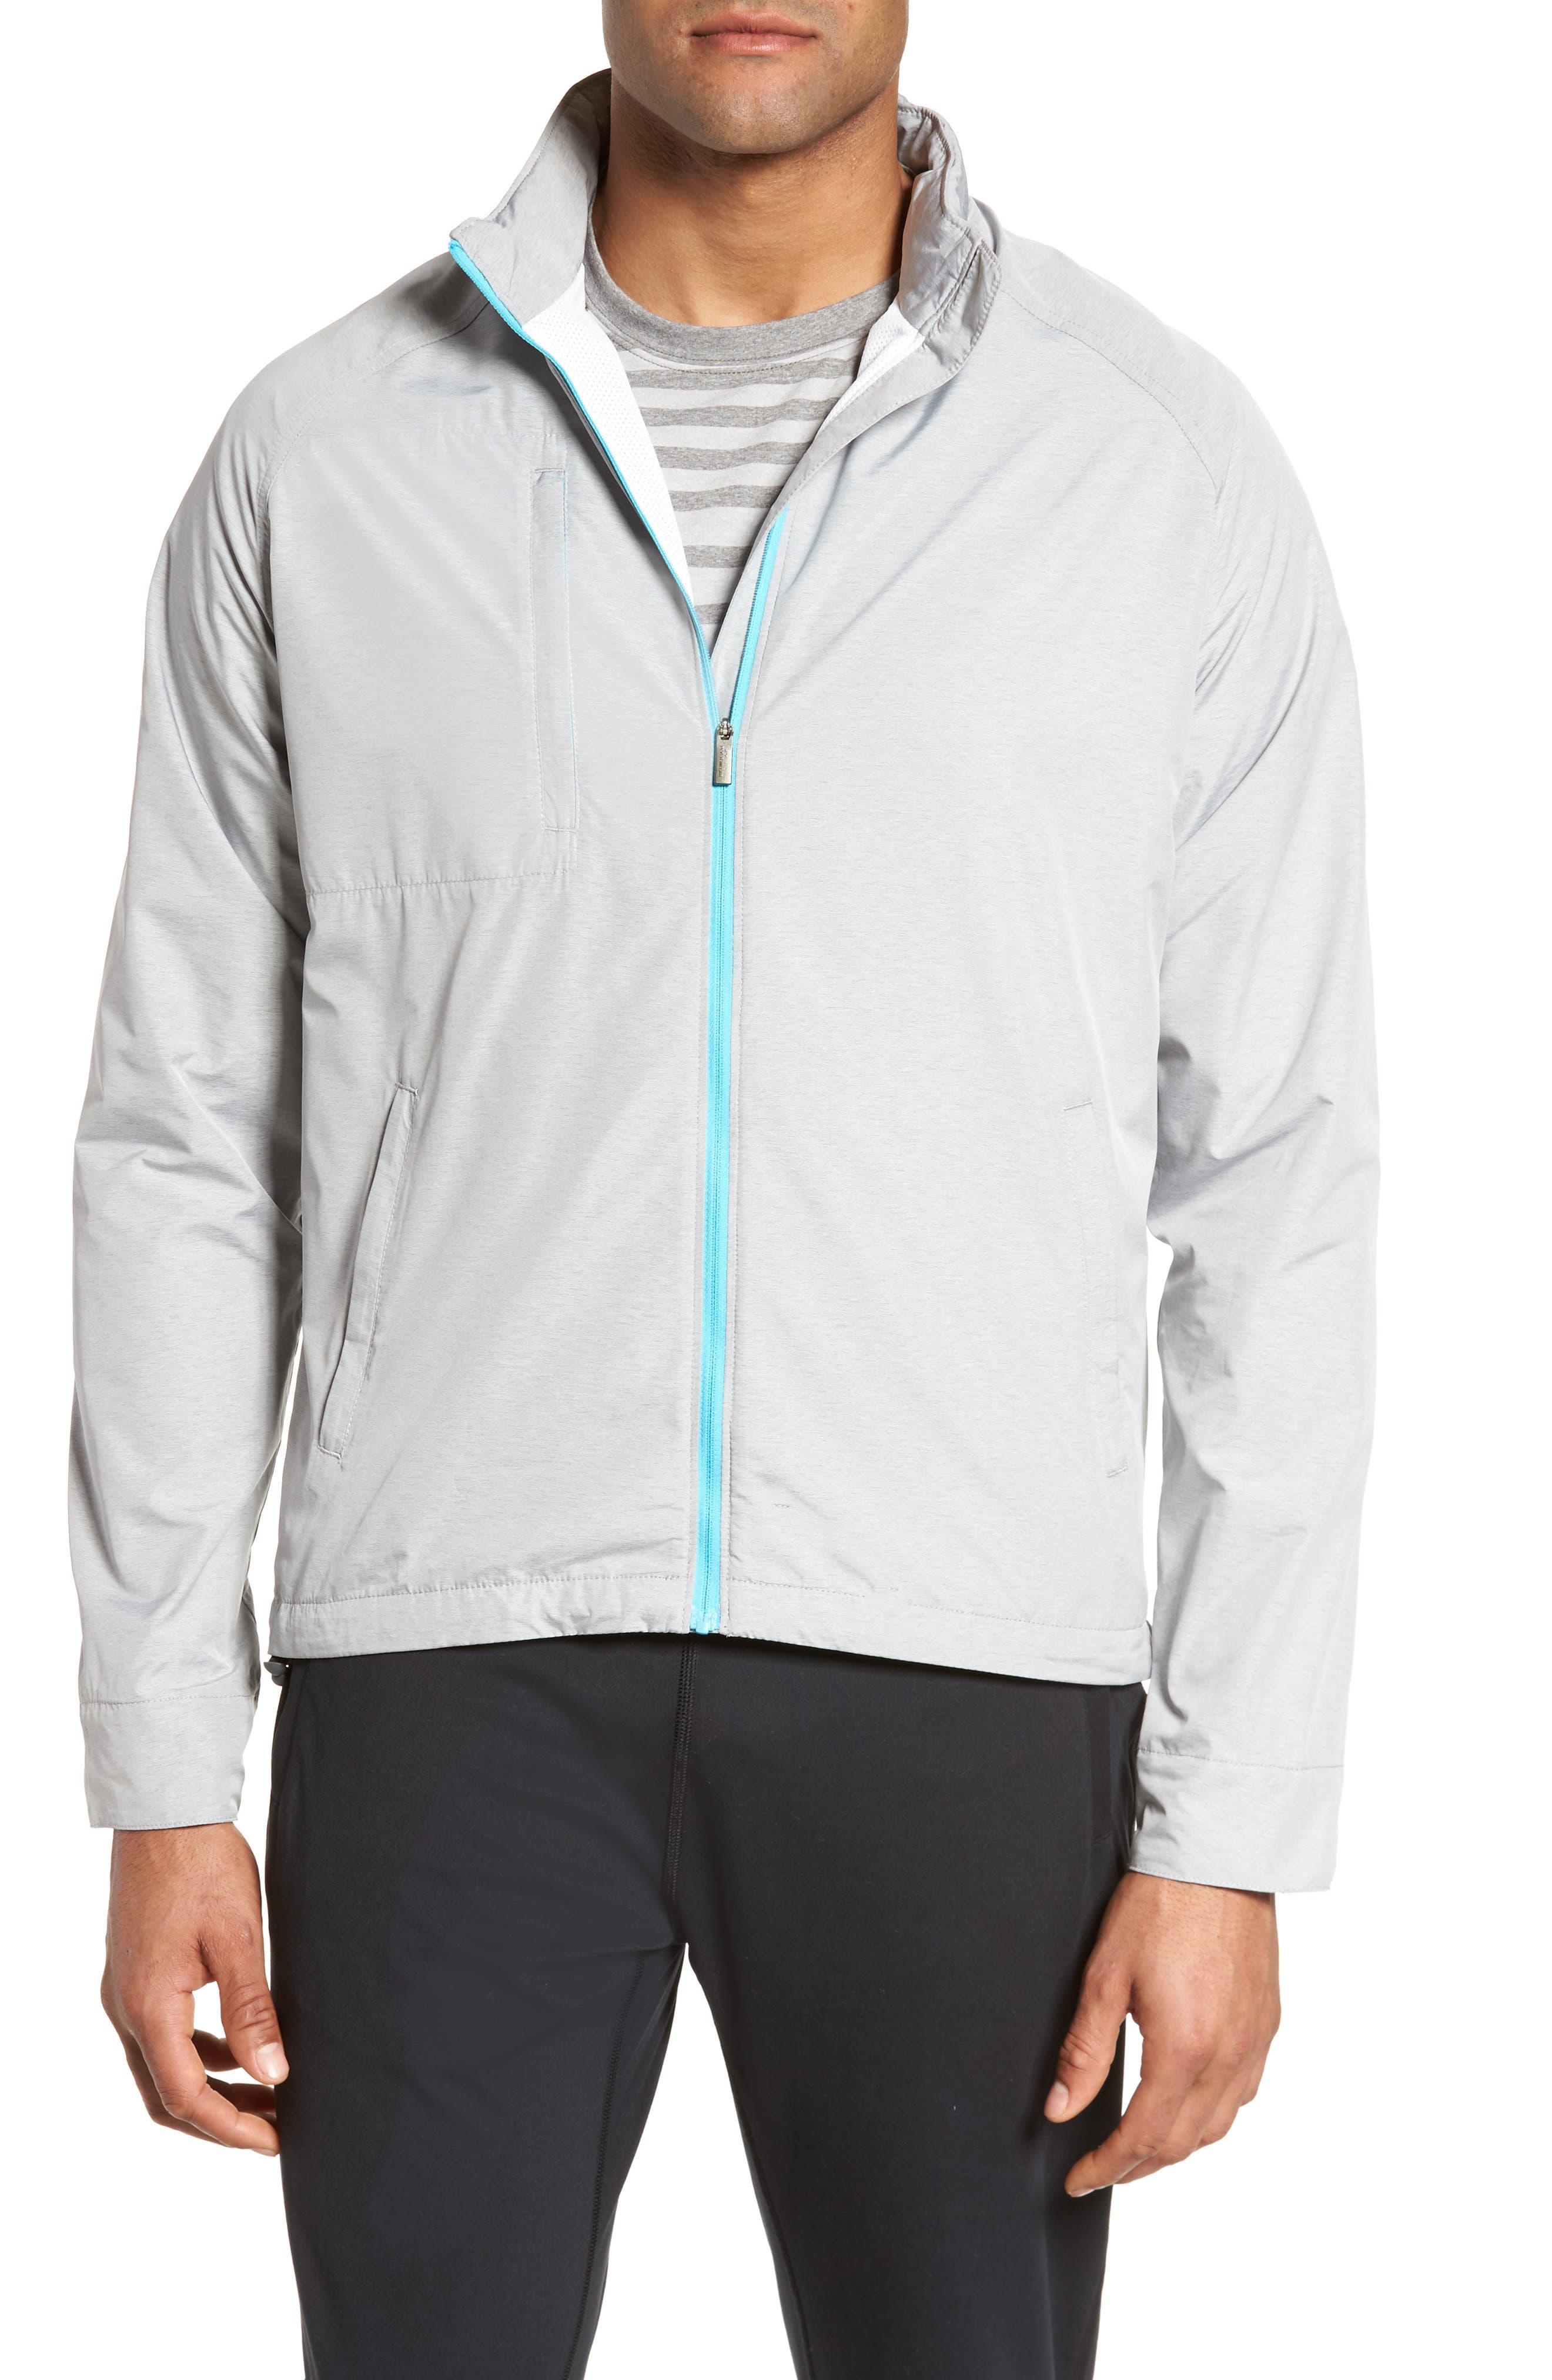 Nagano Windbreaker Jacket,                         Main,                         color, British Grey